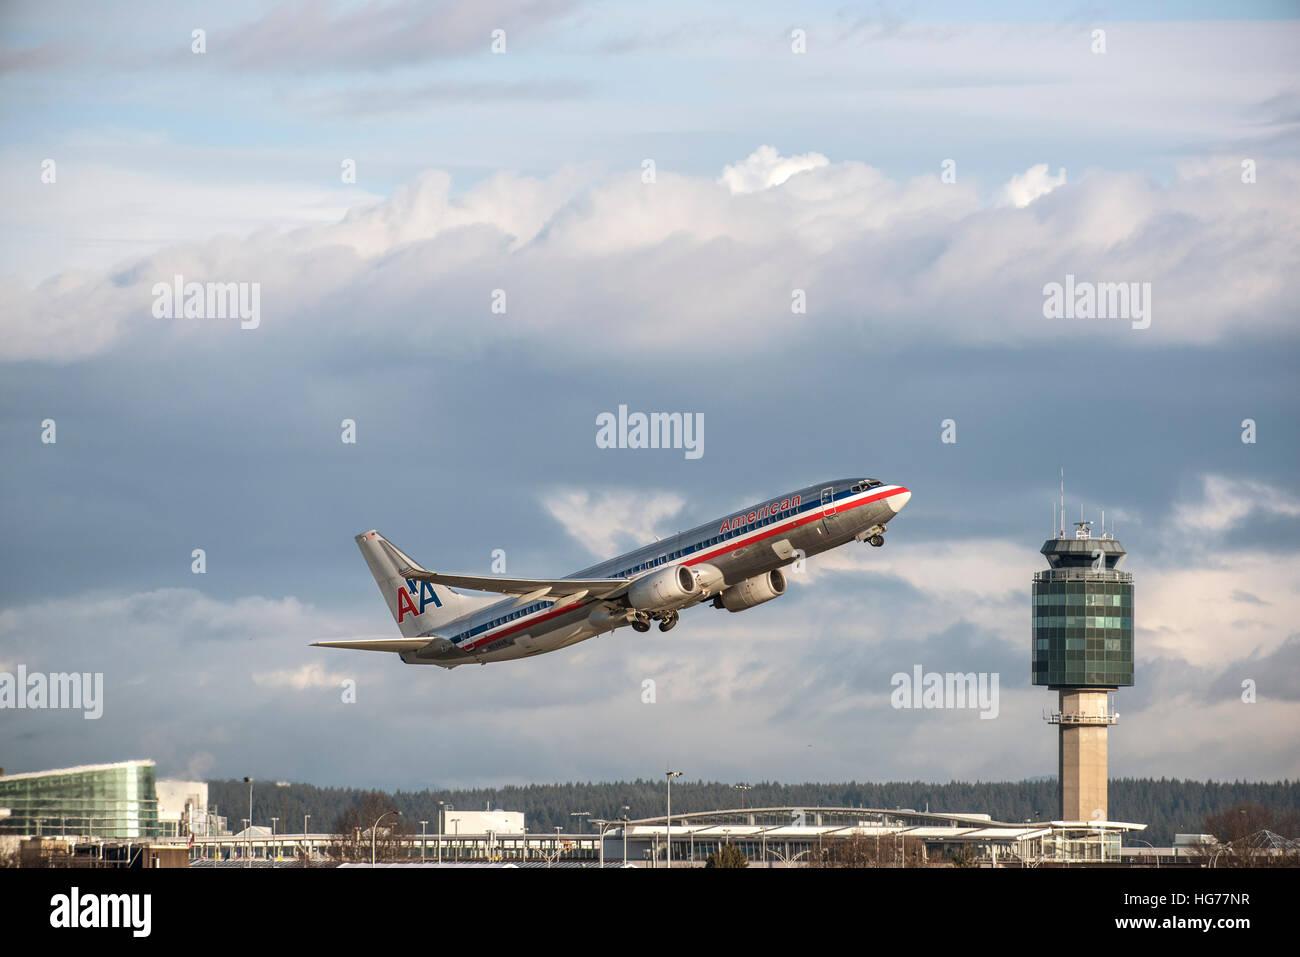 American Airlines Boeing 737-823 en vol après le décollage de l'aéroport international de Vancouver. Photo Stock